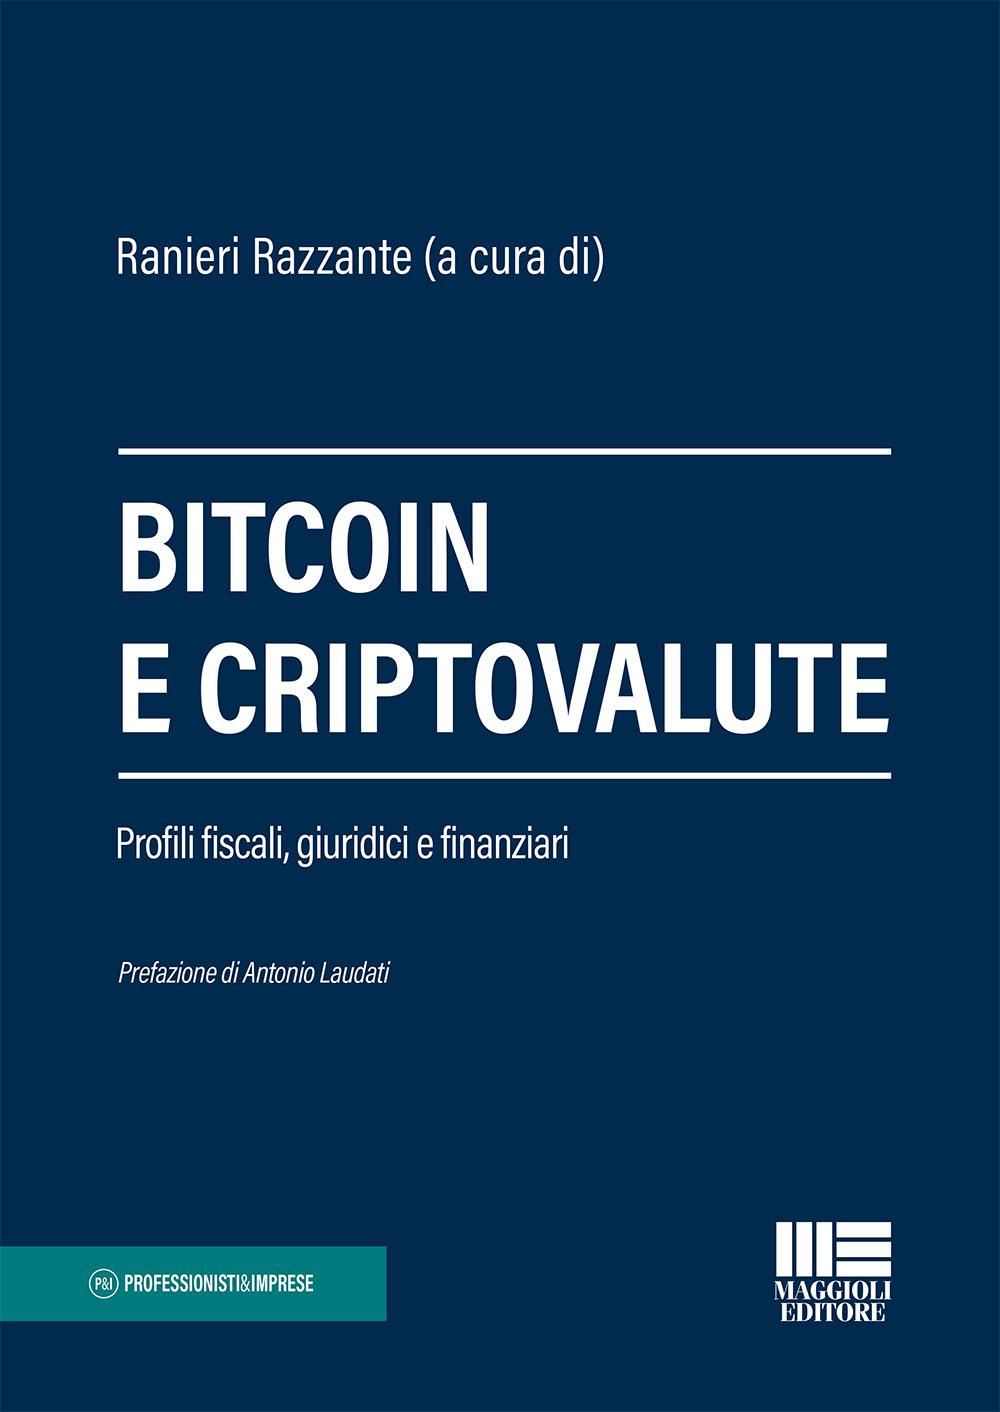 Bitcoin e Criptovalute - Libro Carta